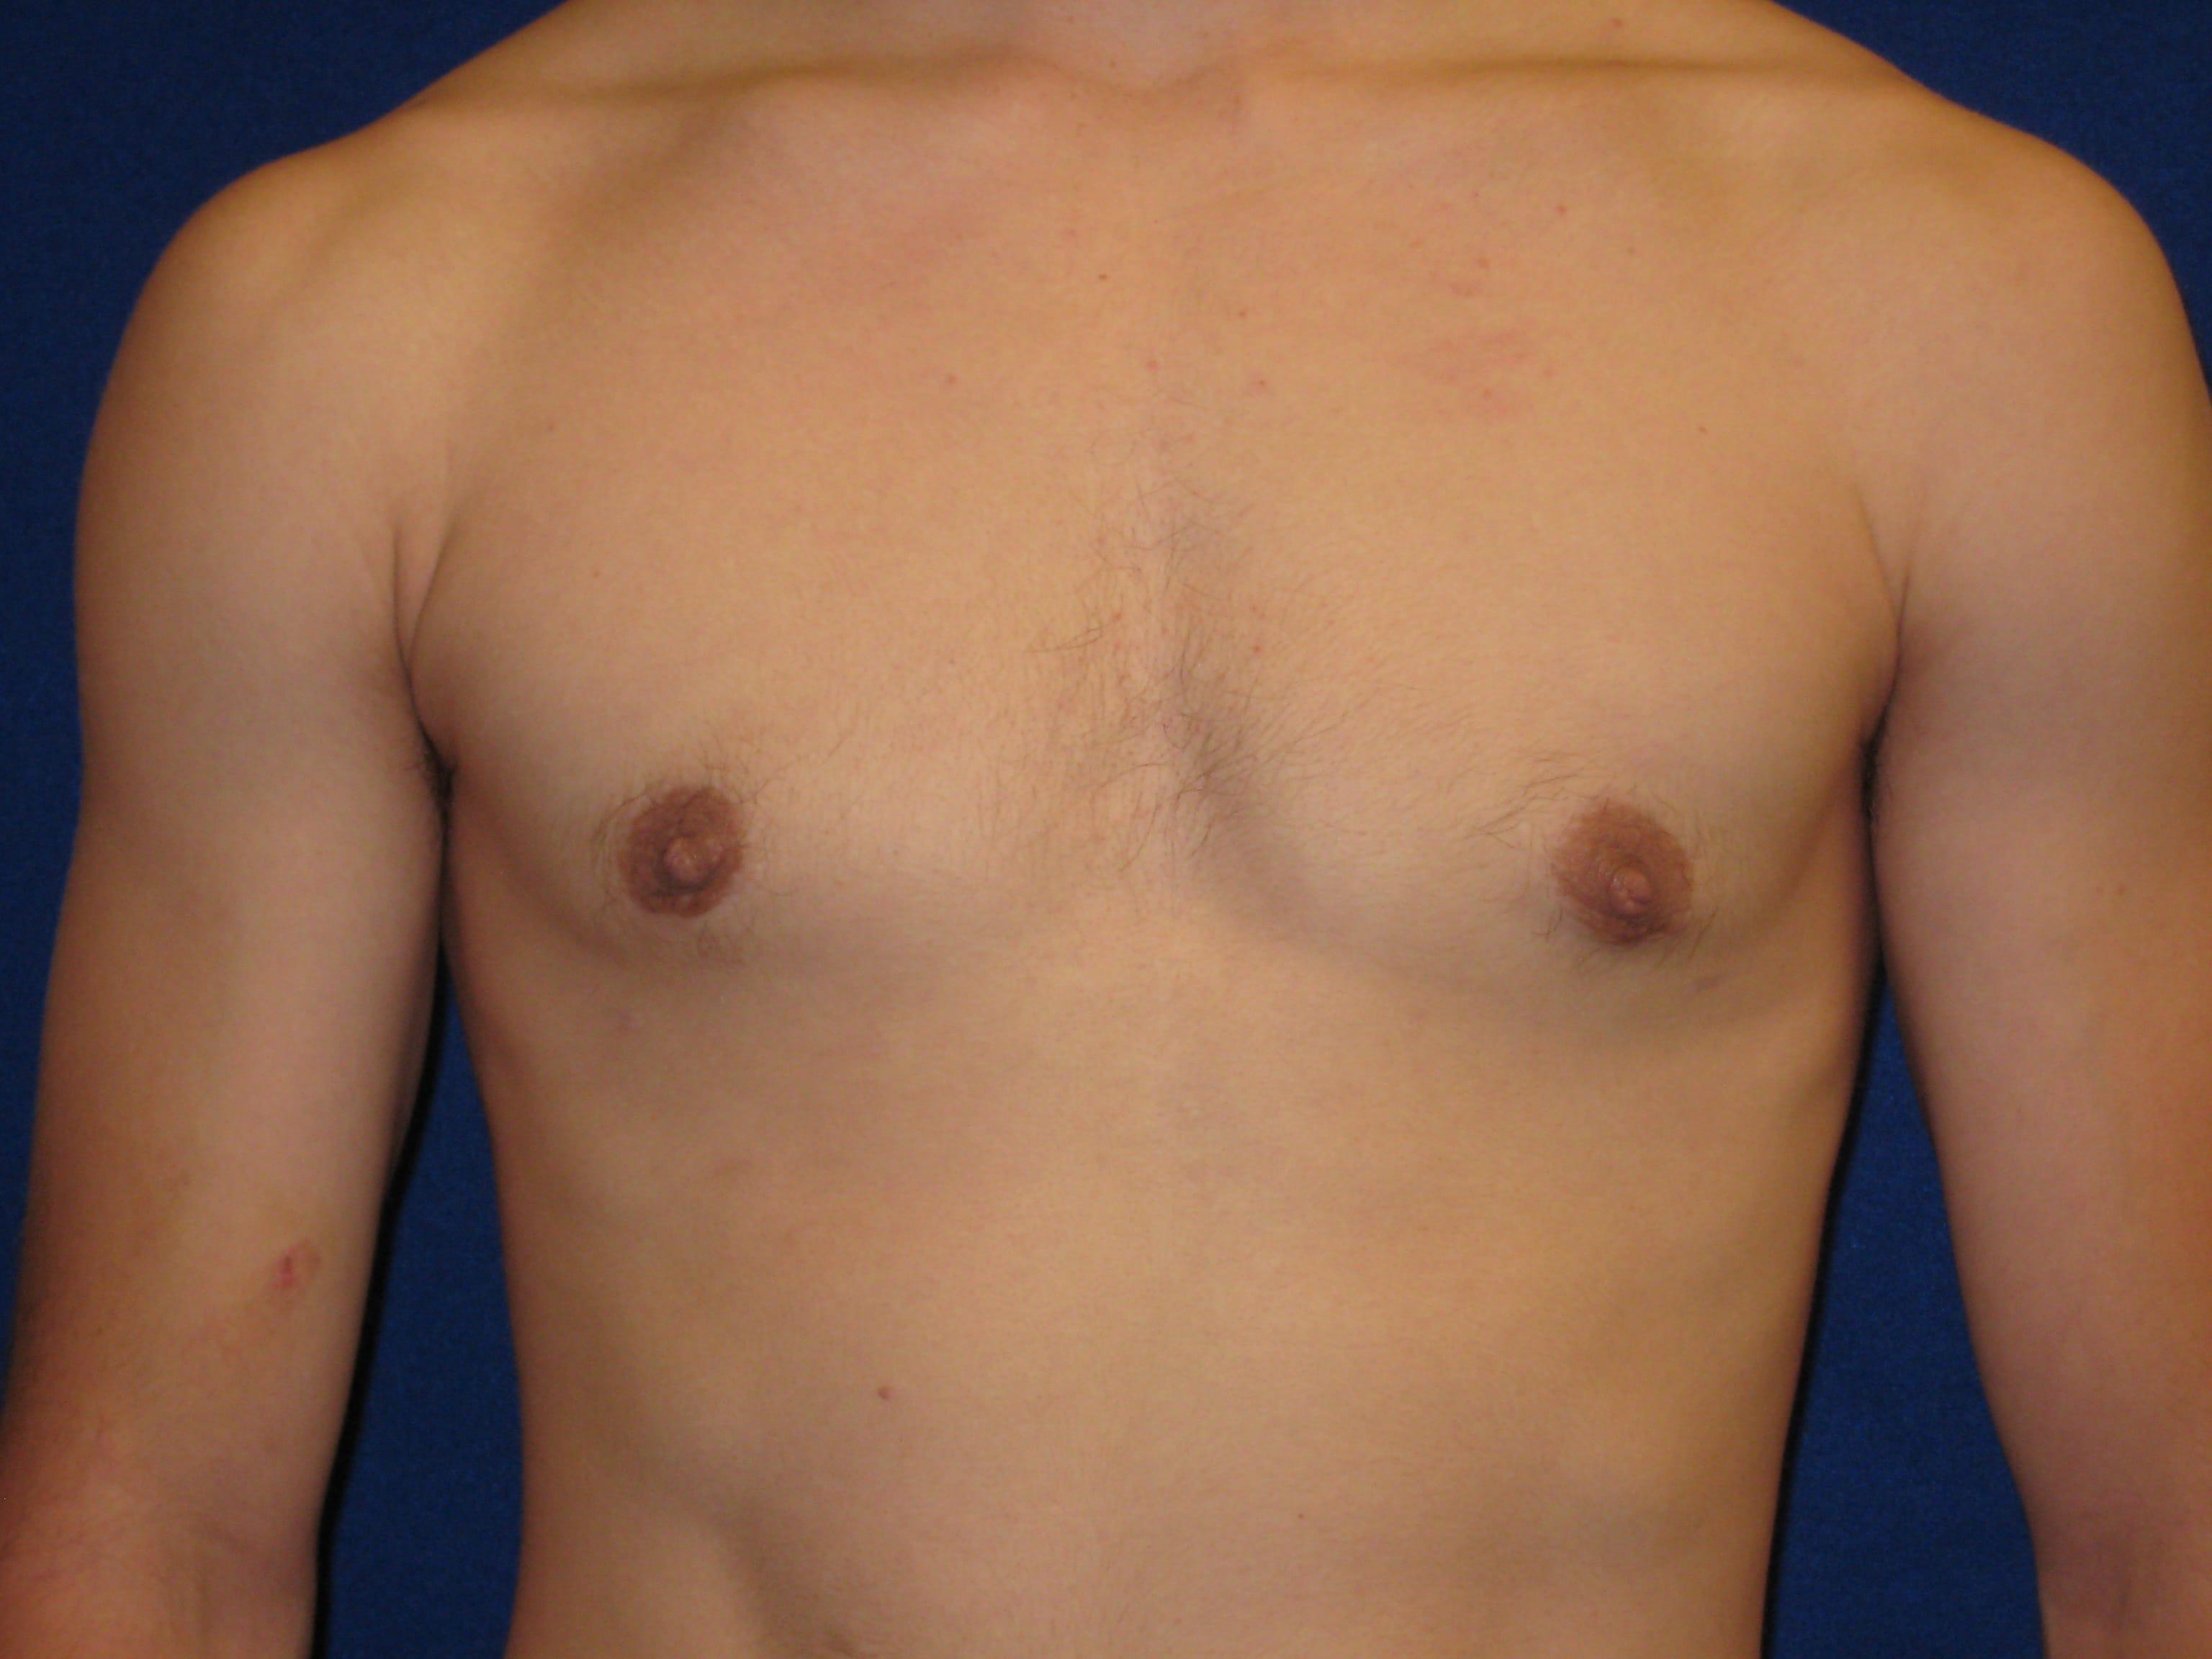 Гинекомастия у мужчин, у женщин: что это, симптомы, лечение